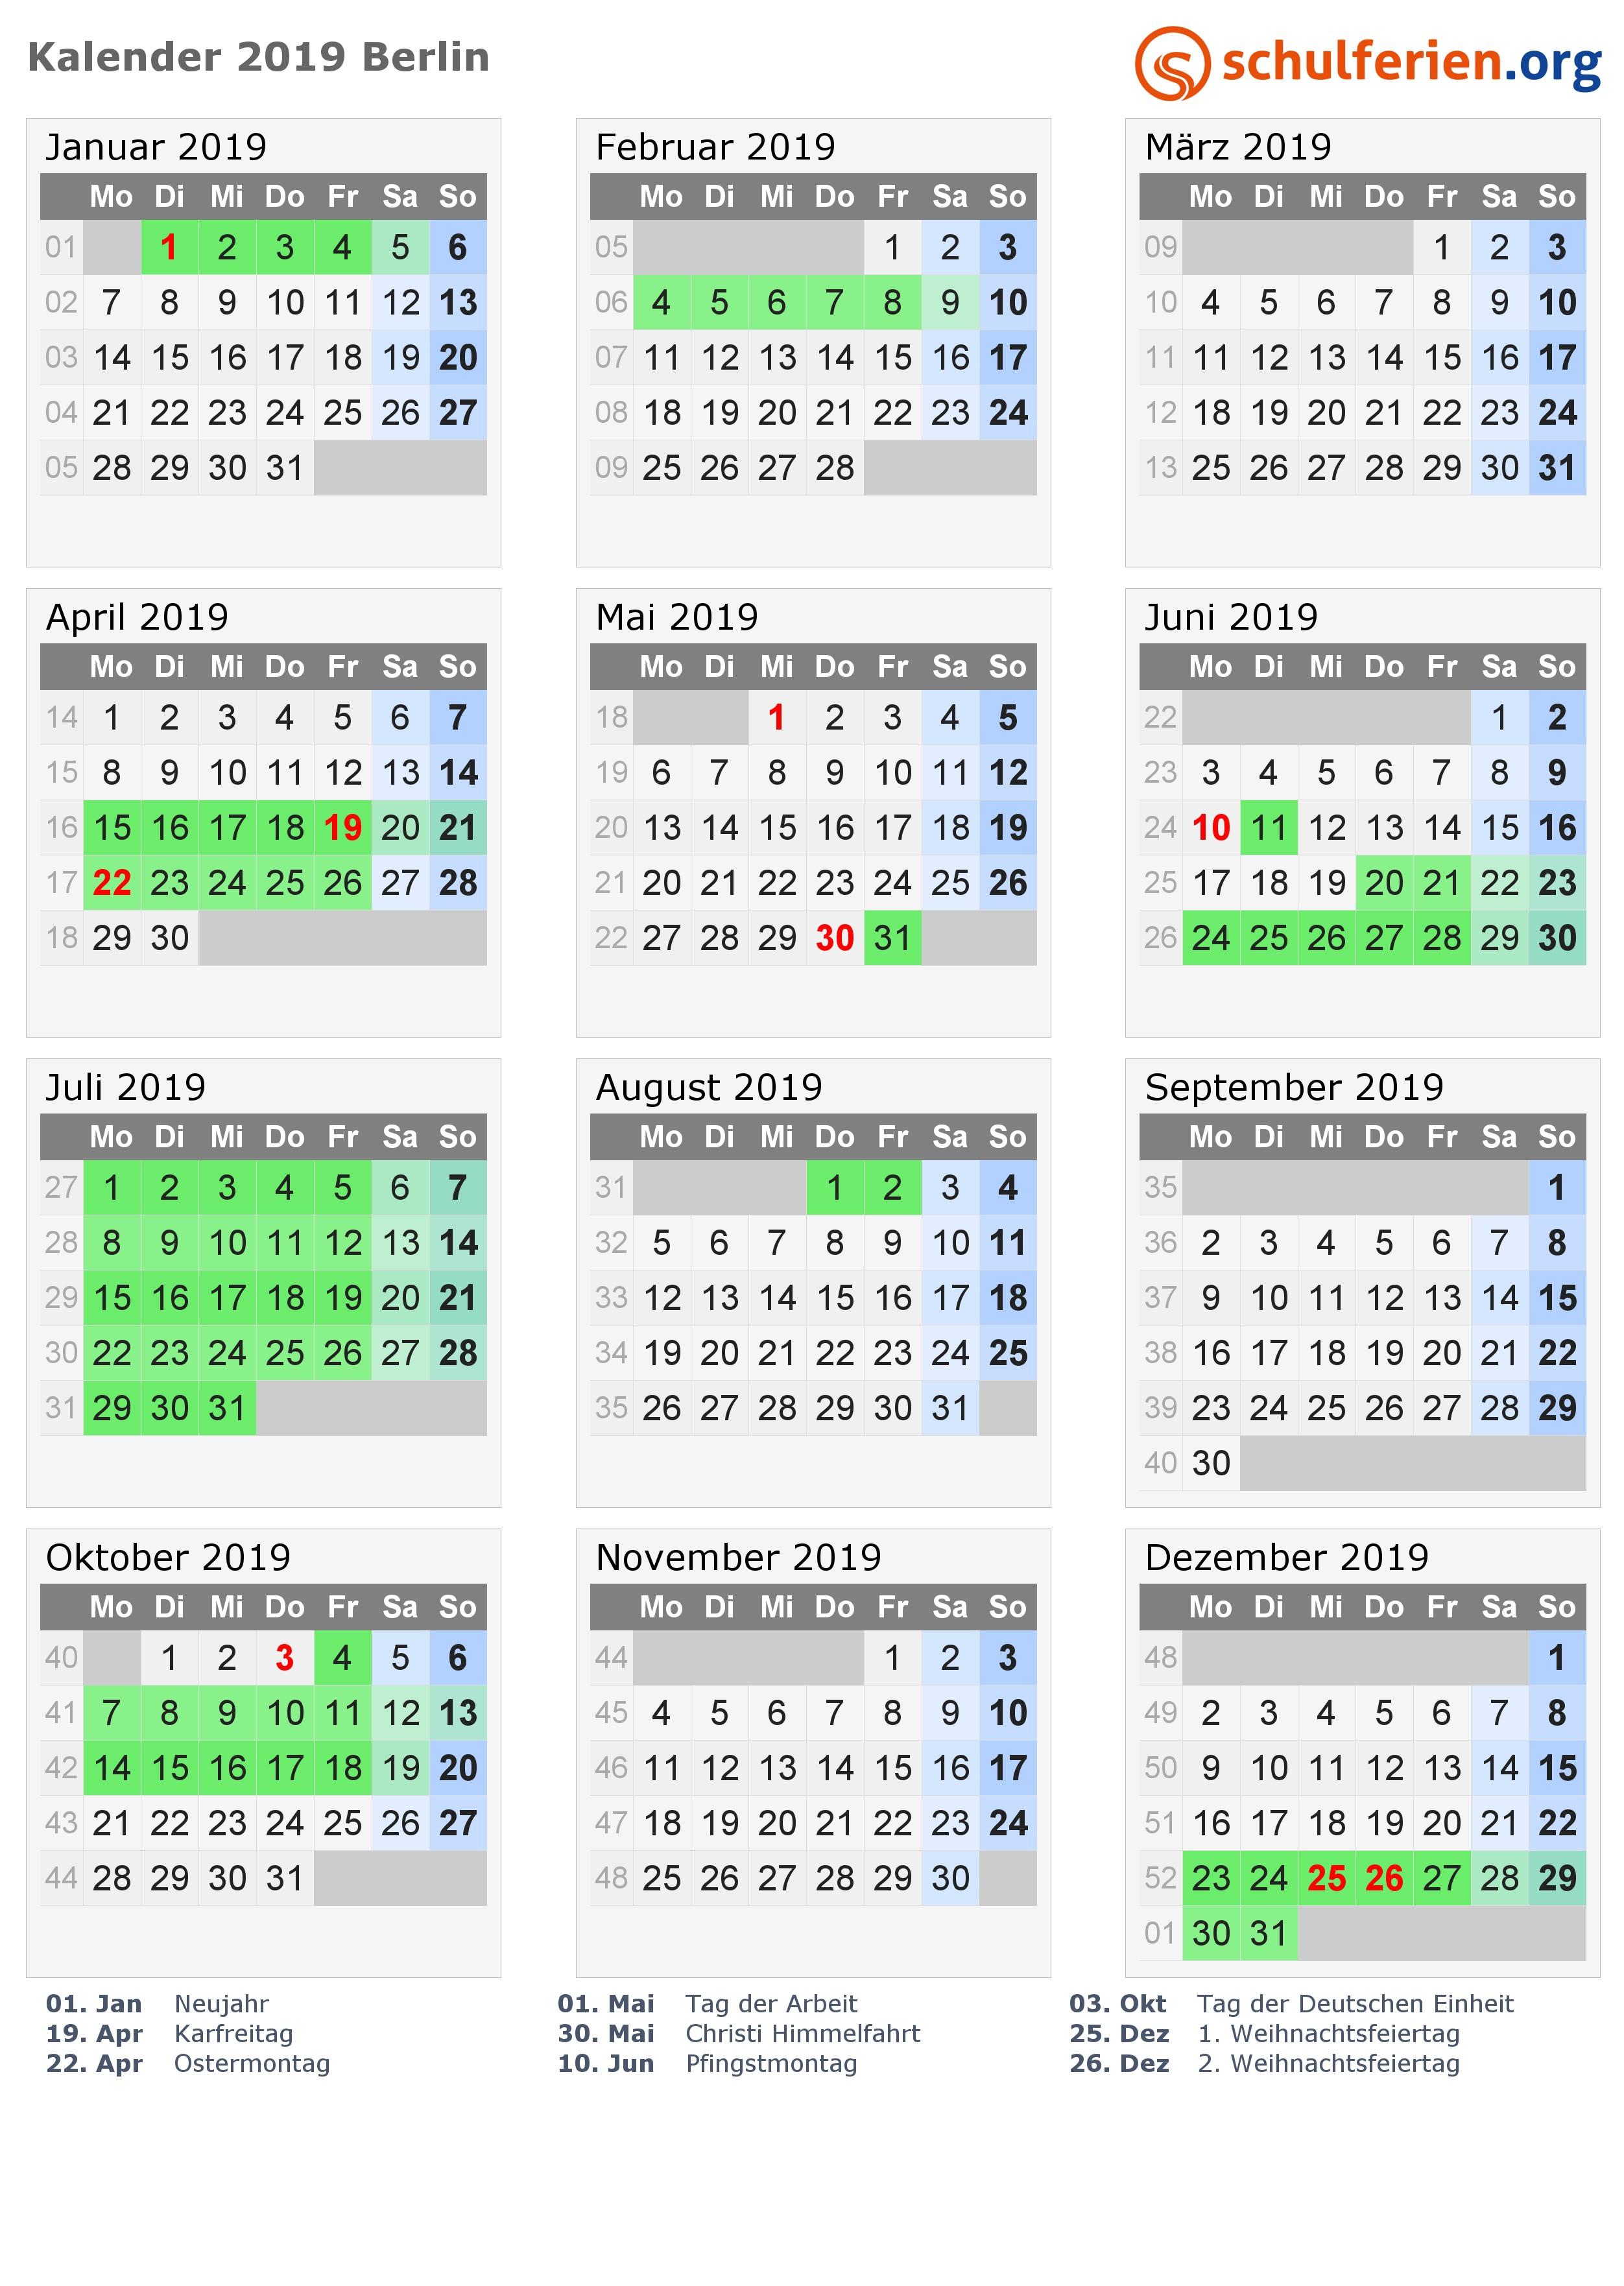 Kalender 2019 Excel Rheinland-pfalz Mejores Y Más Novedosos Kalender 2019 Ferien Berlin Feiertage Of Kalender 2019 Excel Rheinland-pfalz Recientes Primaer E Mail Bewerbung Betreff Muster